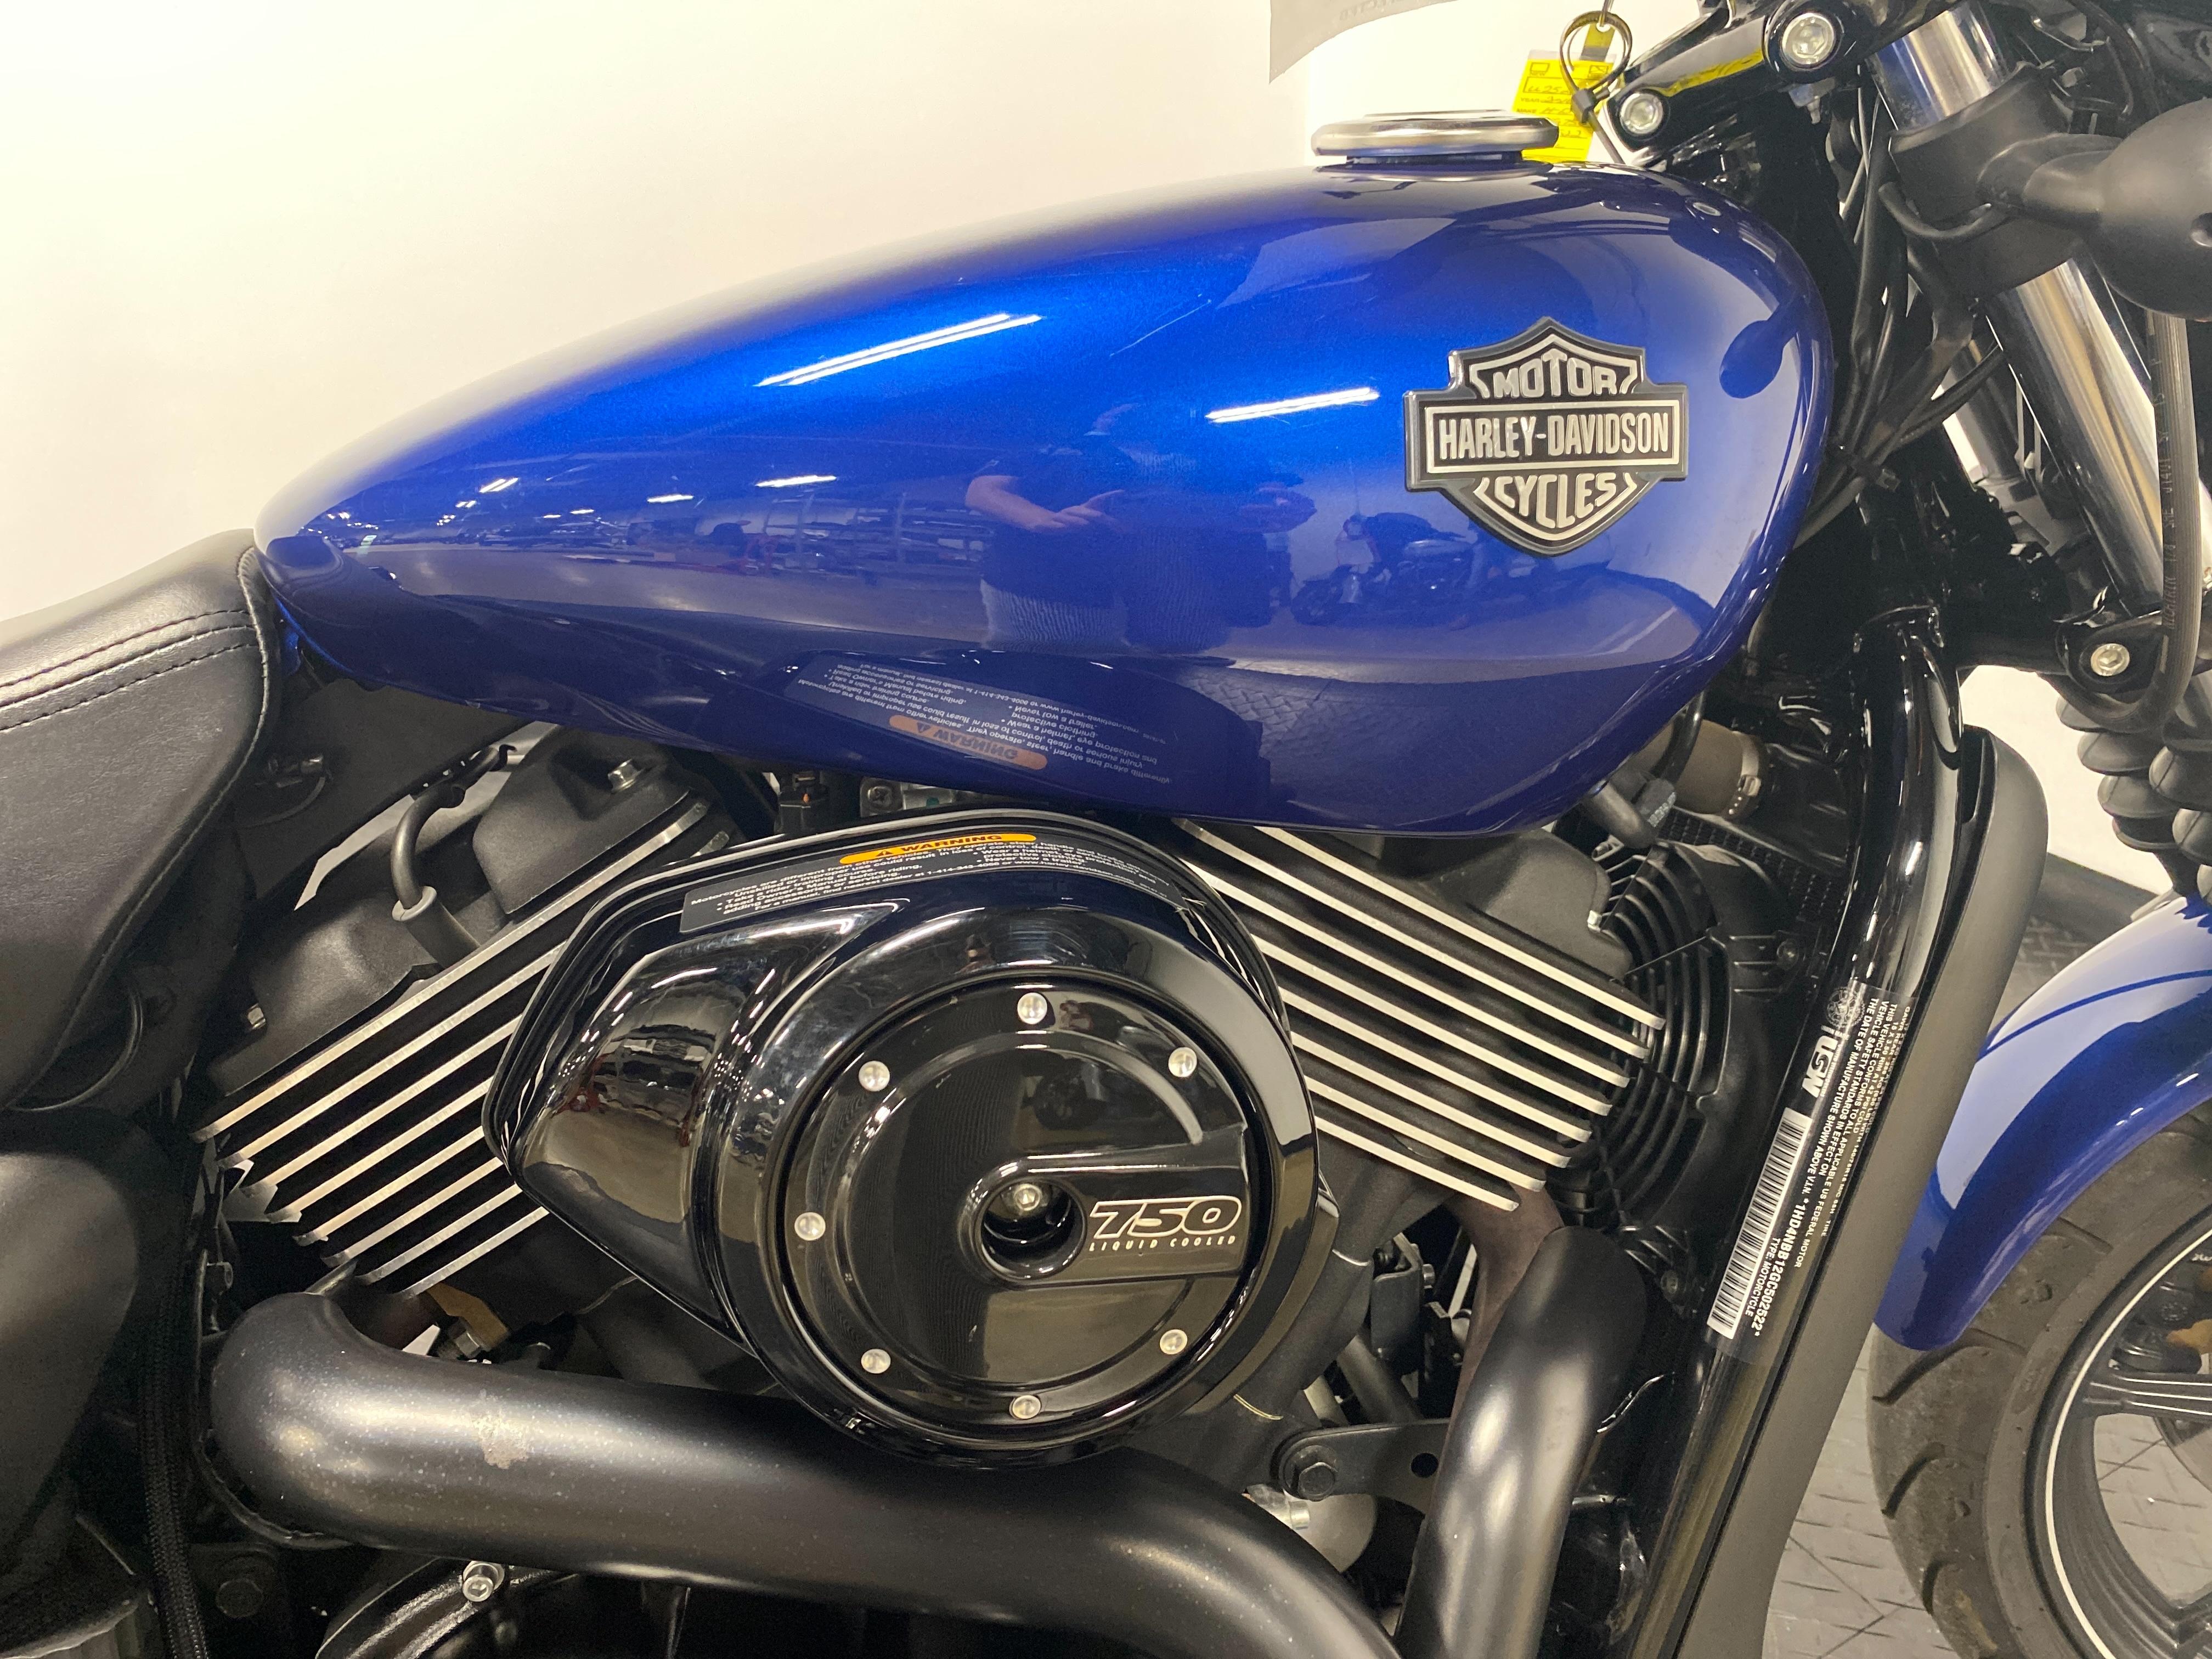 2016 Harley-Davidson Street 750 at Cannonball Harley-Davidson